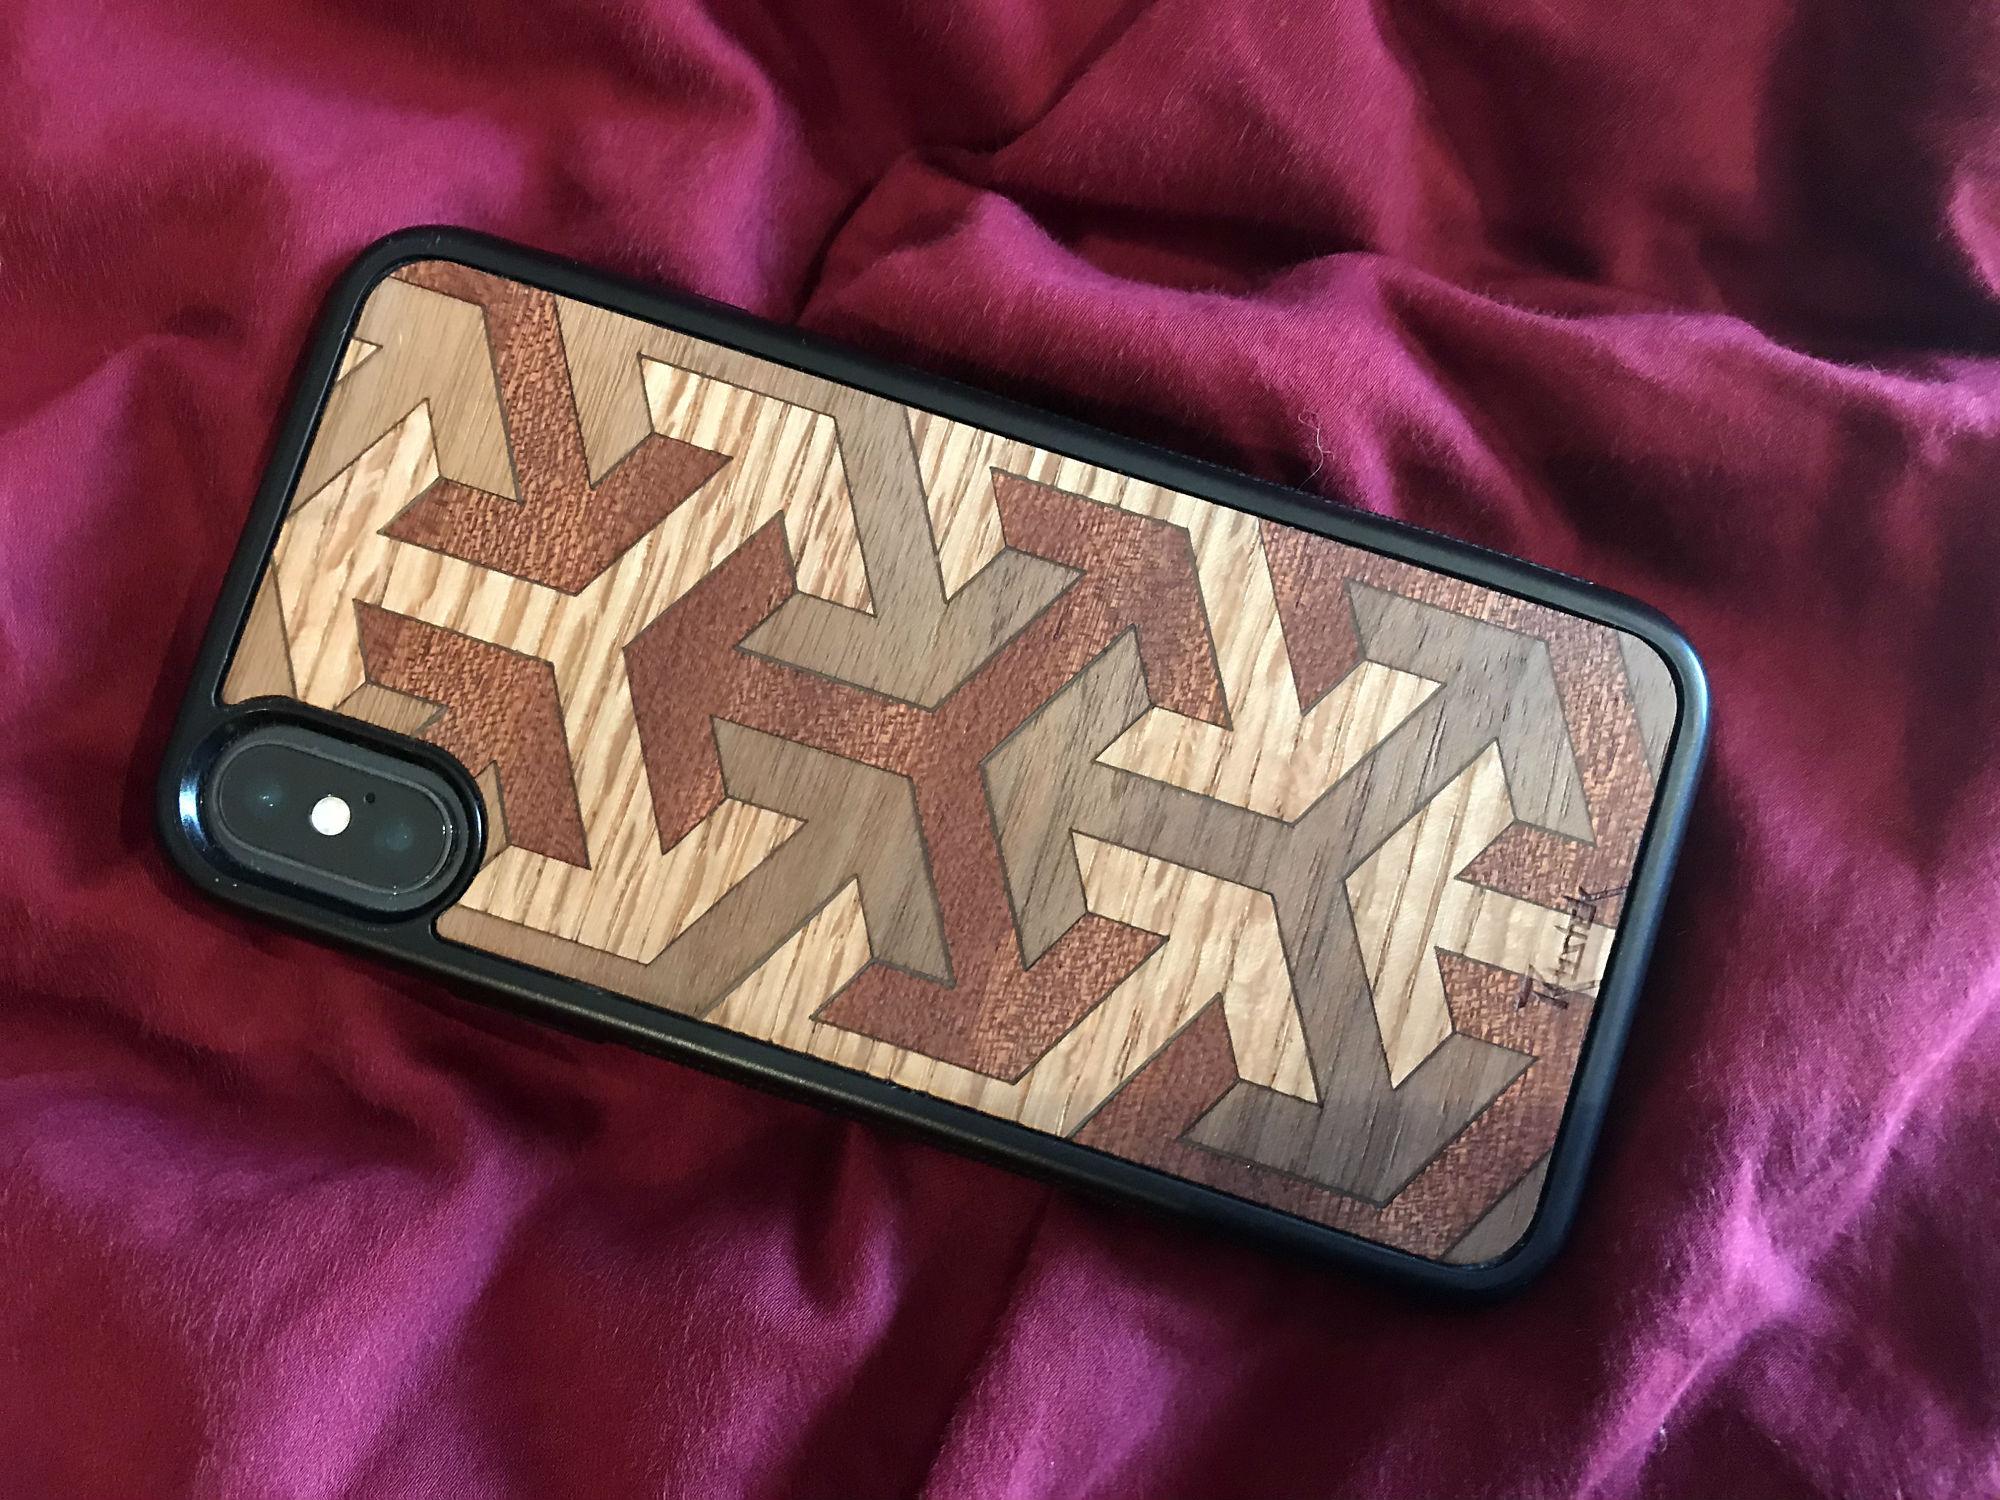 Rustek Axis Inlay wooden iPhone case